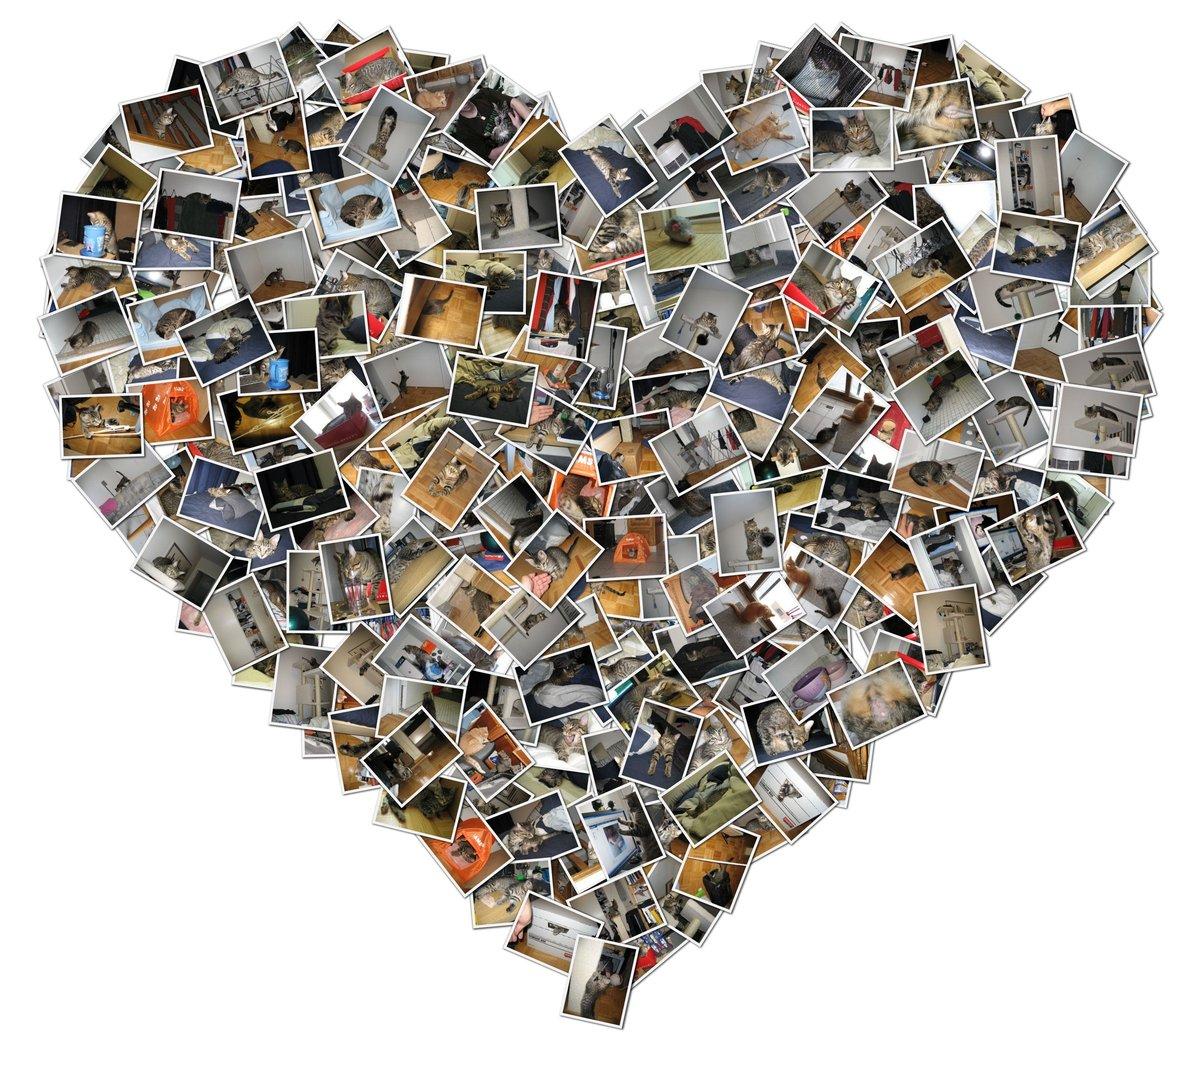 Hacer collage de fotos gratis en linea 46